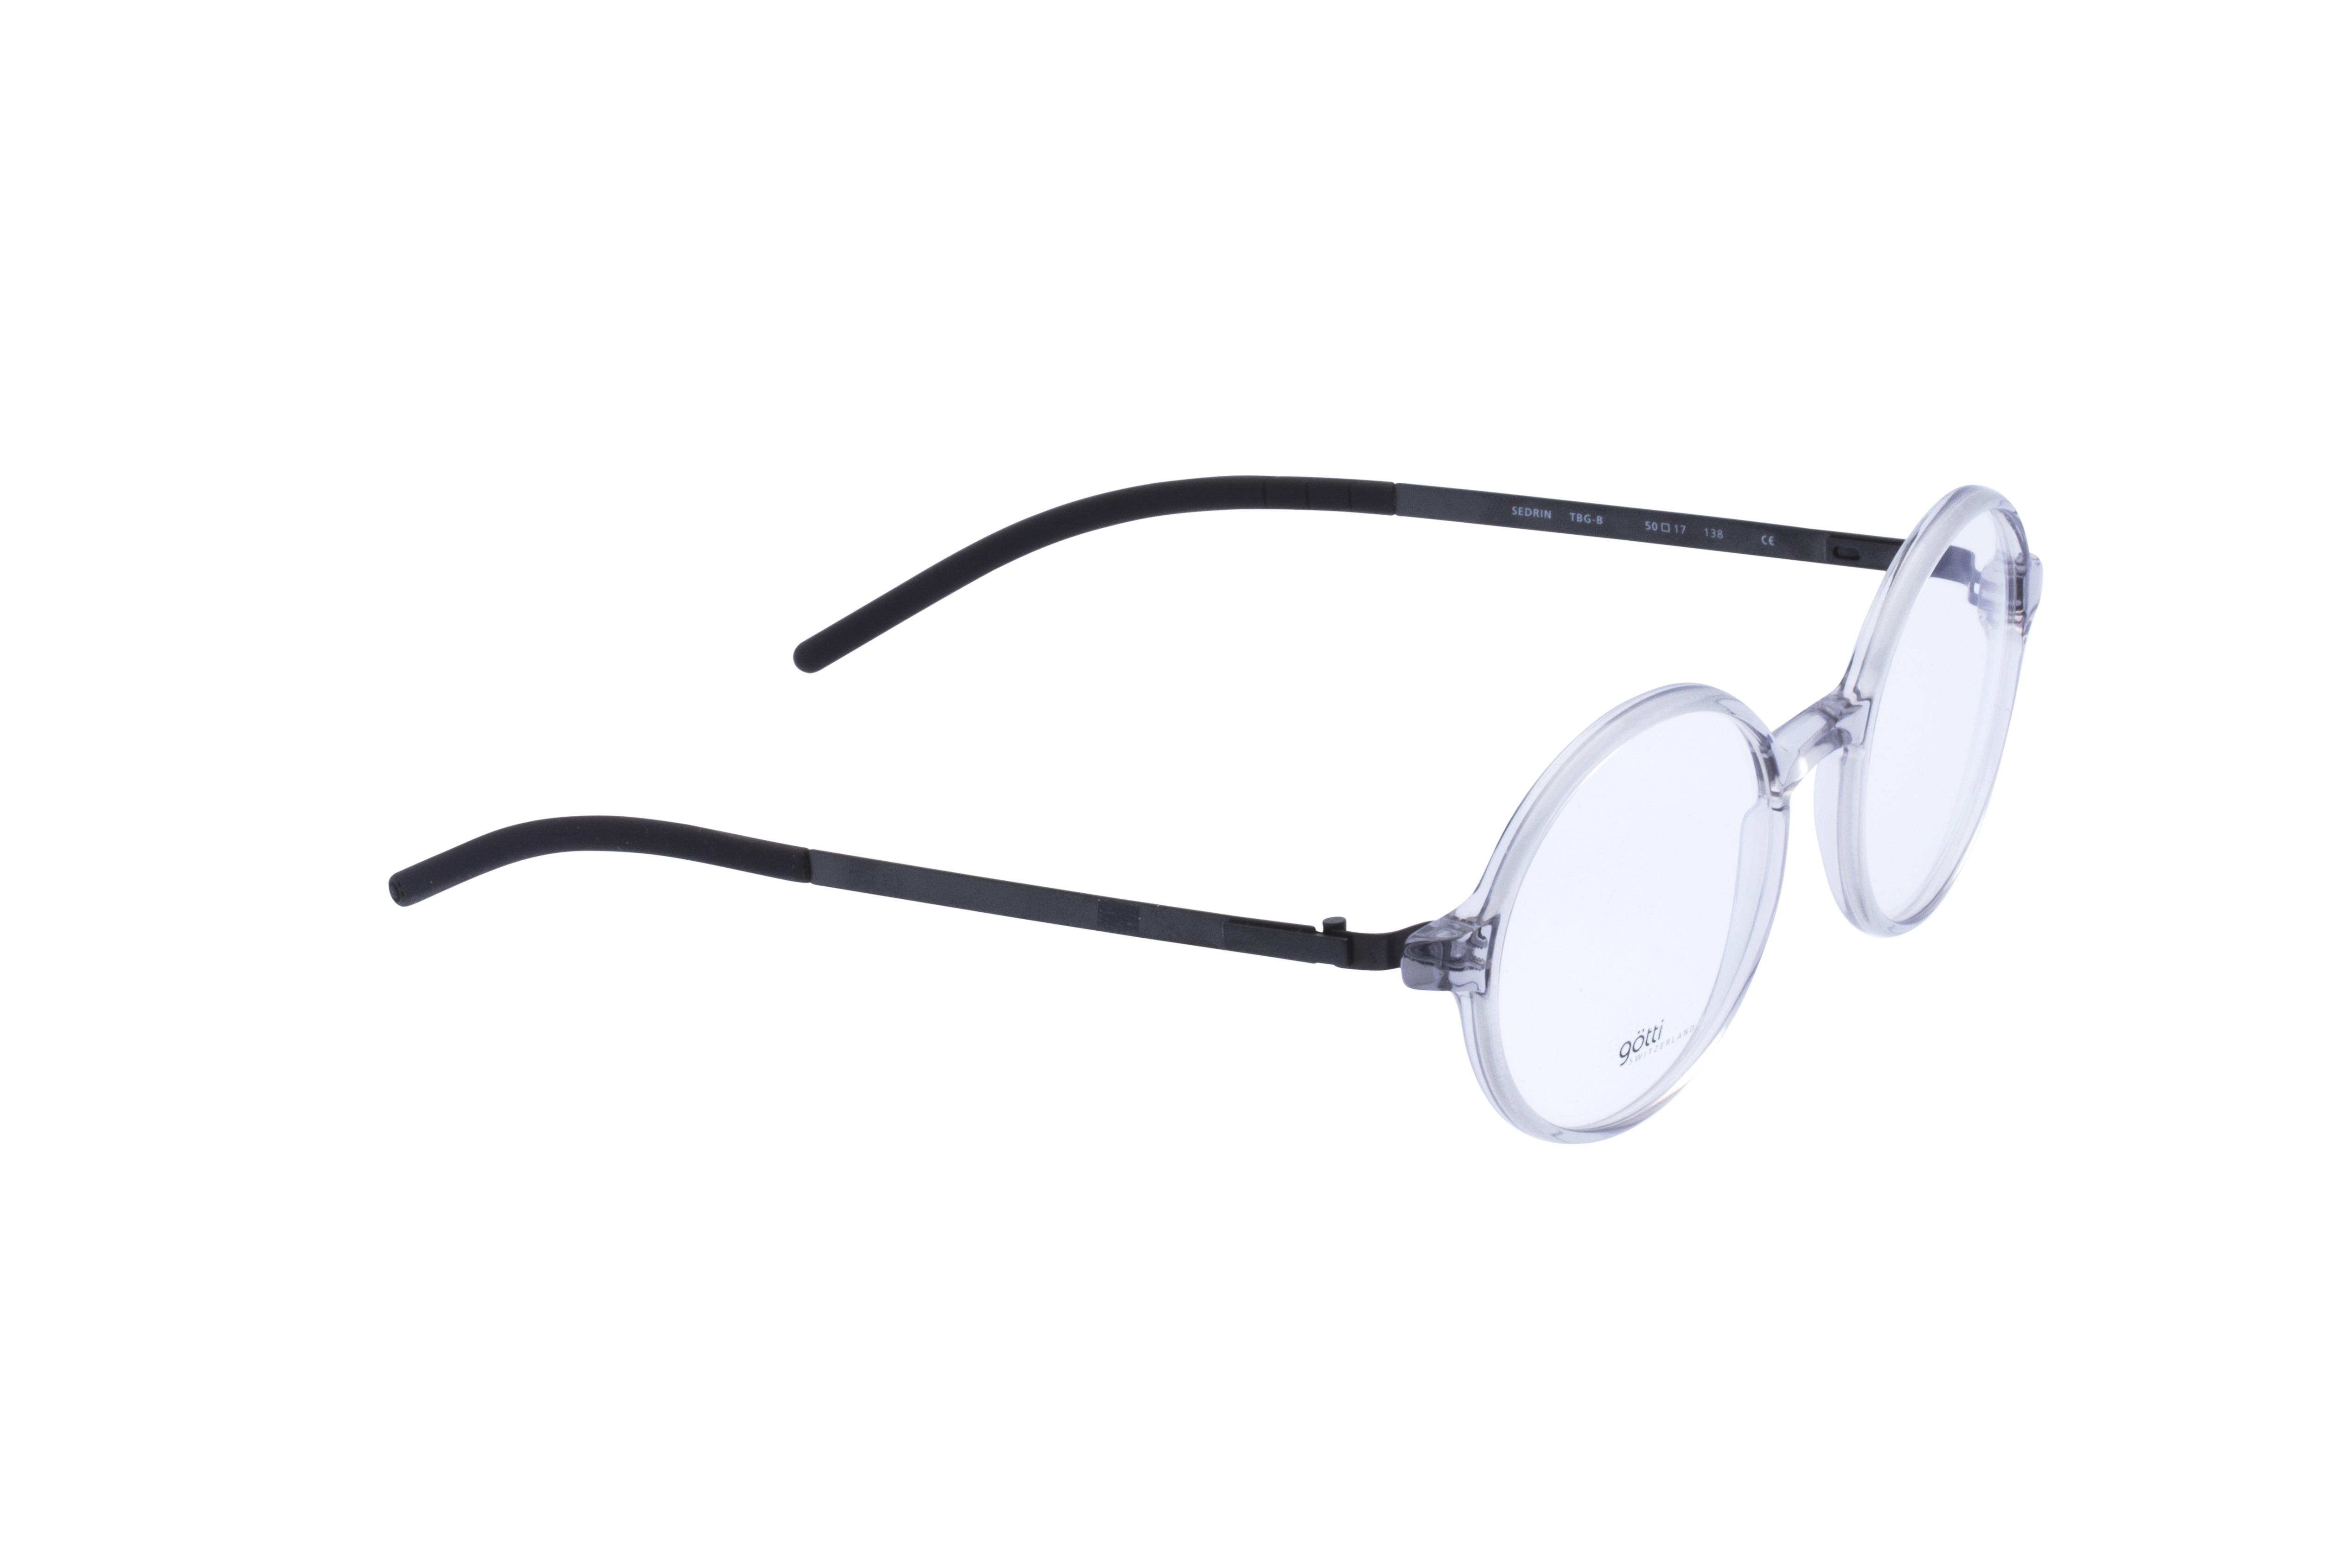 360 Grad Ansicht 4 Götti Sedrin, Brille auf Weiß - Fassung bei KUNK